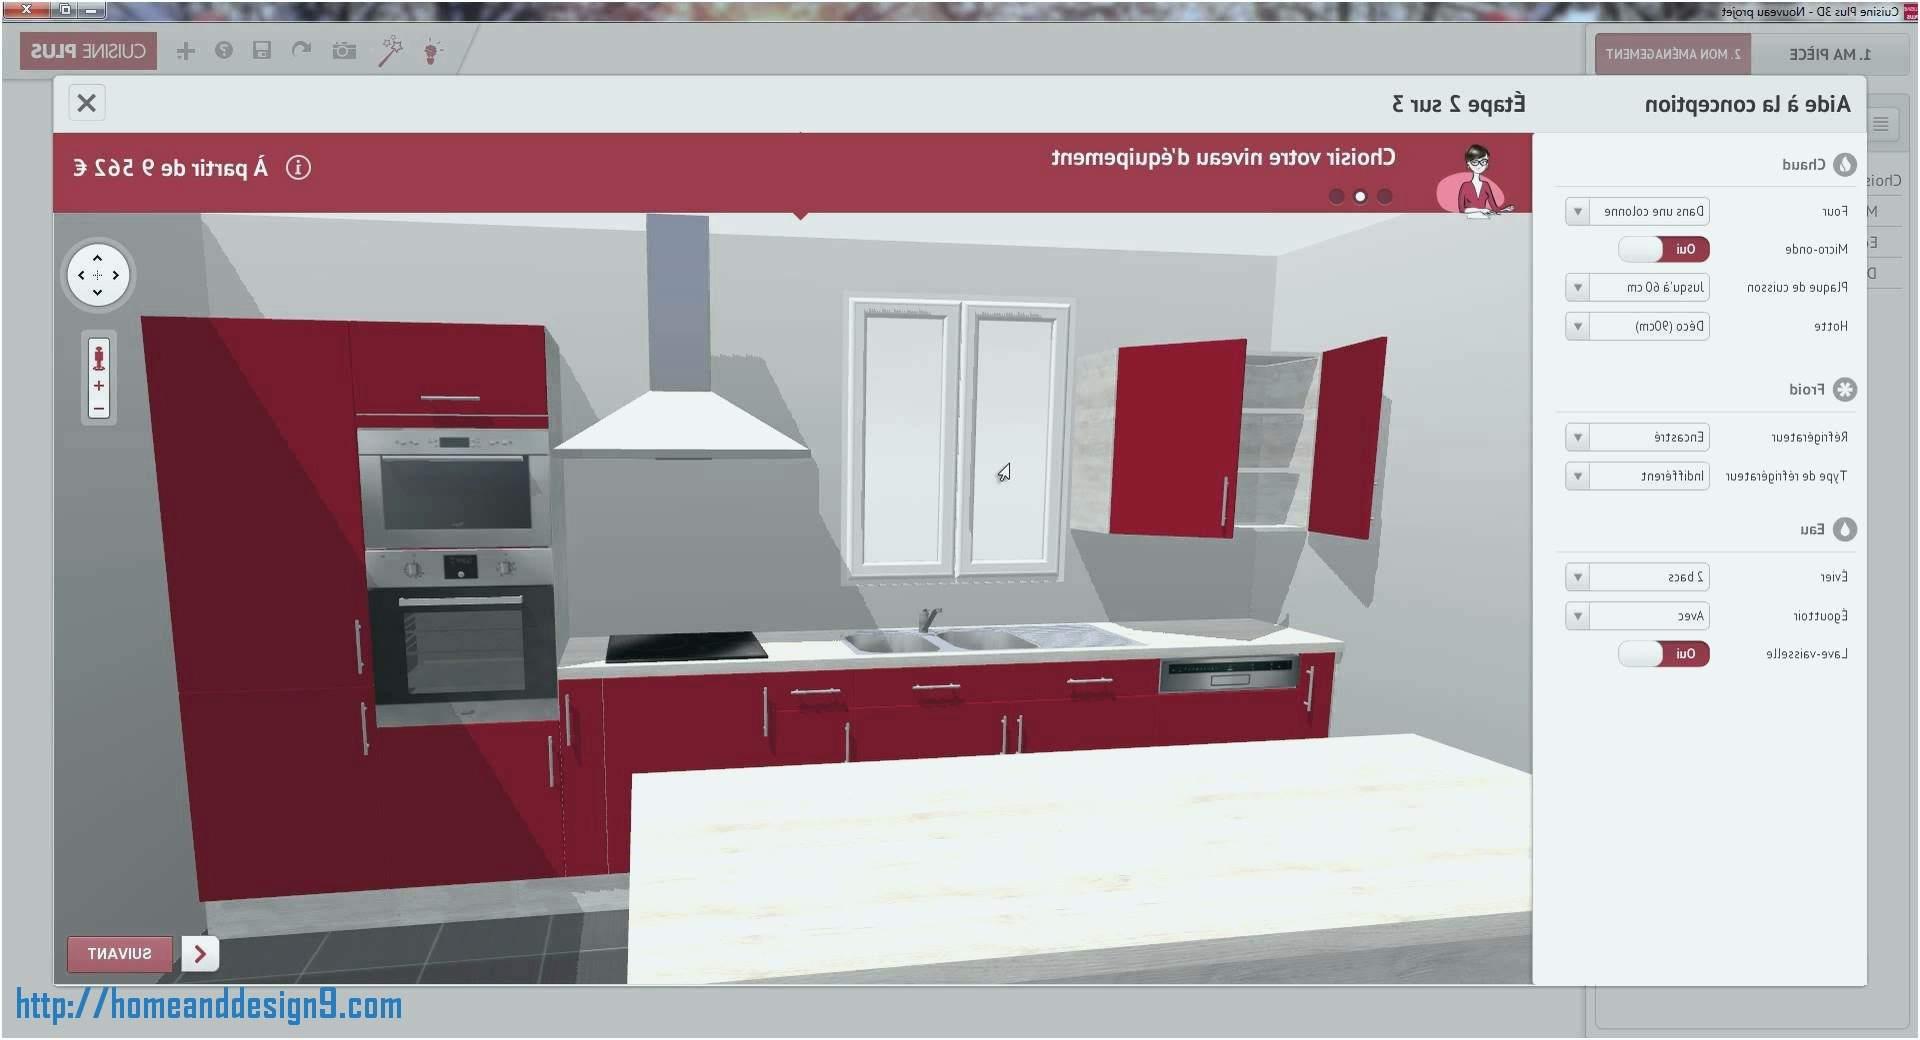 Jeu.fr De Cuisine Inspirant Images Jeux De Cuisine Gratuits Impressionnant Plan De Travail Inox Meuble